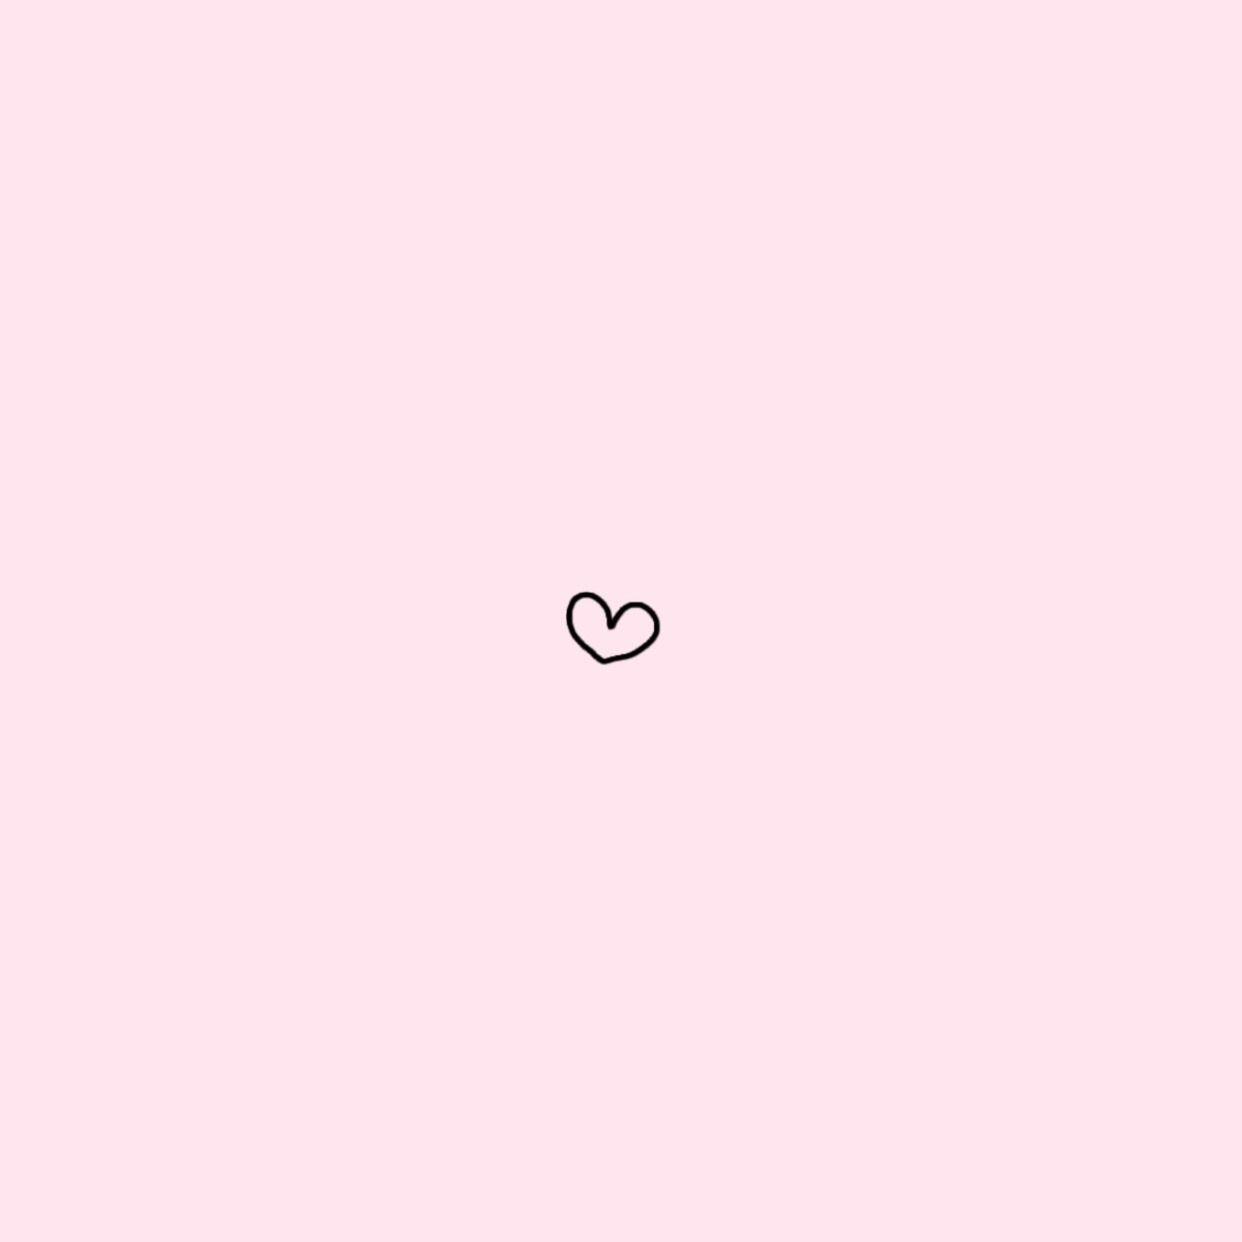 Pastel Lover Pastel Pink Aesthetic Pastel Pink Wallpaper Pastel Pink Wallpaper Iphone